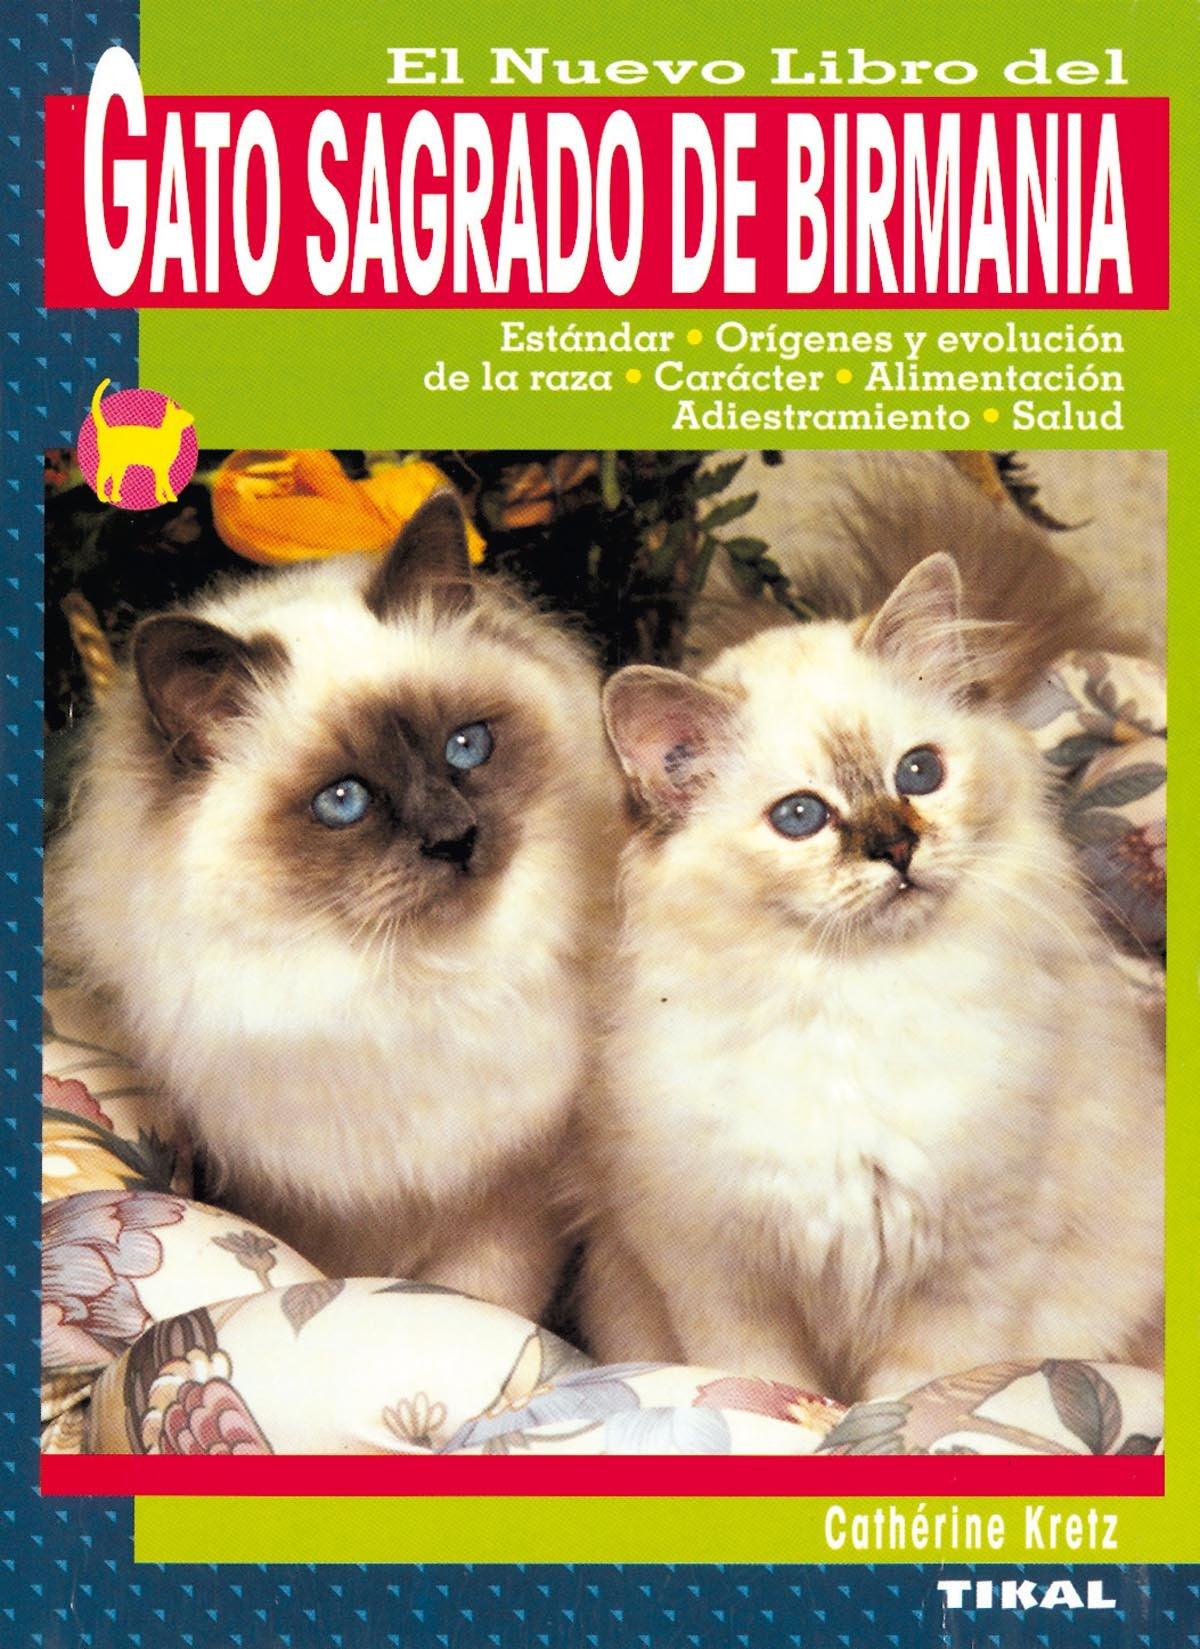 El Nuevo Libro del Gato Sagrado de Birmania (Spanish) Paperback